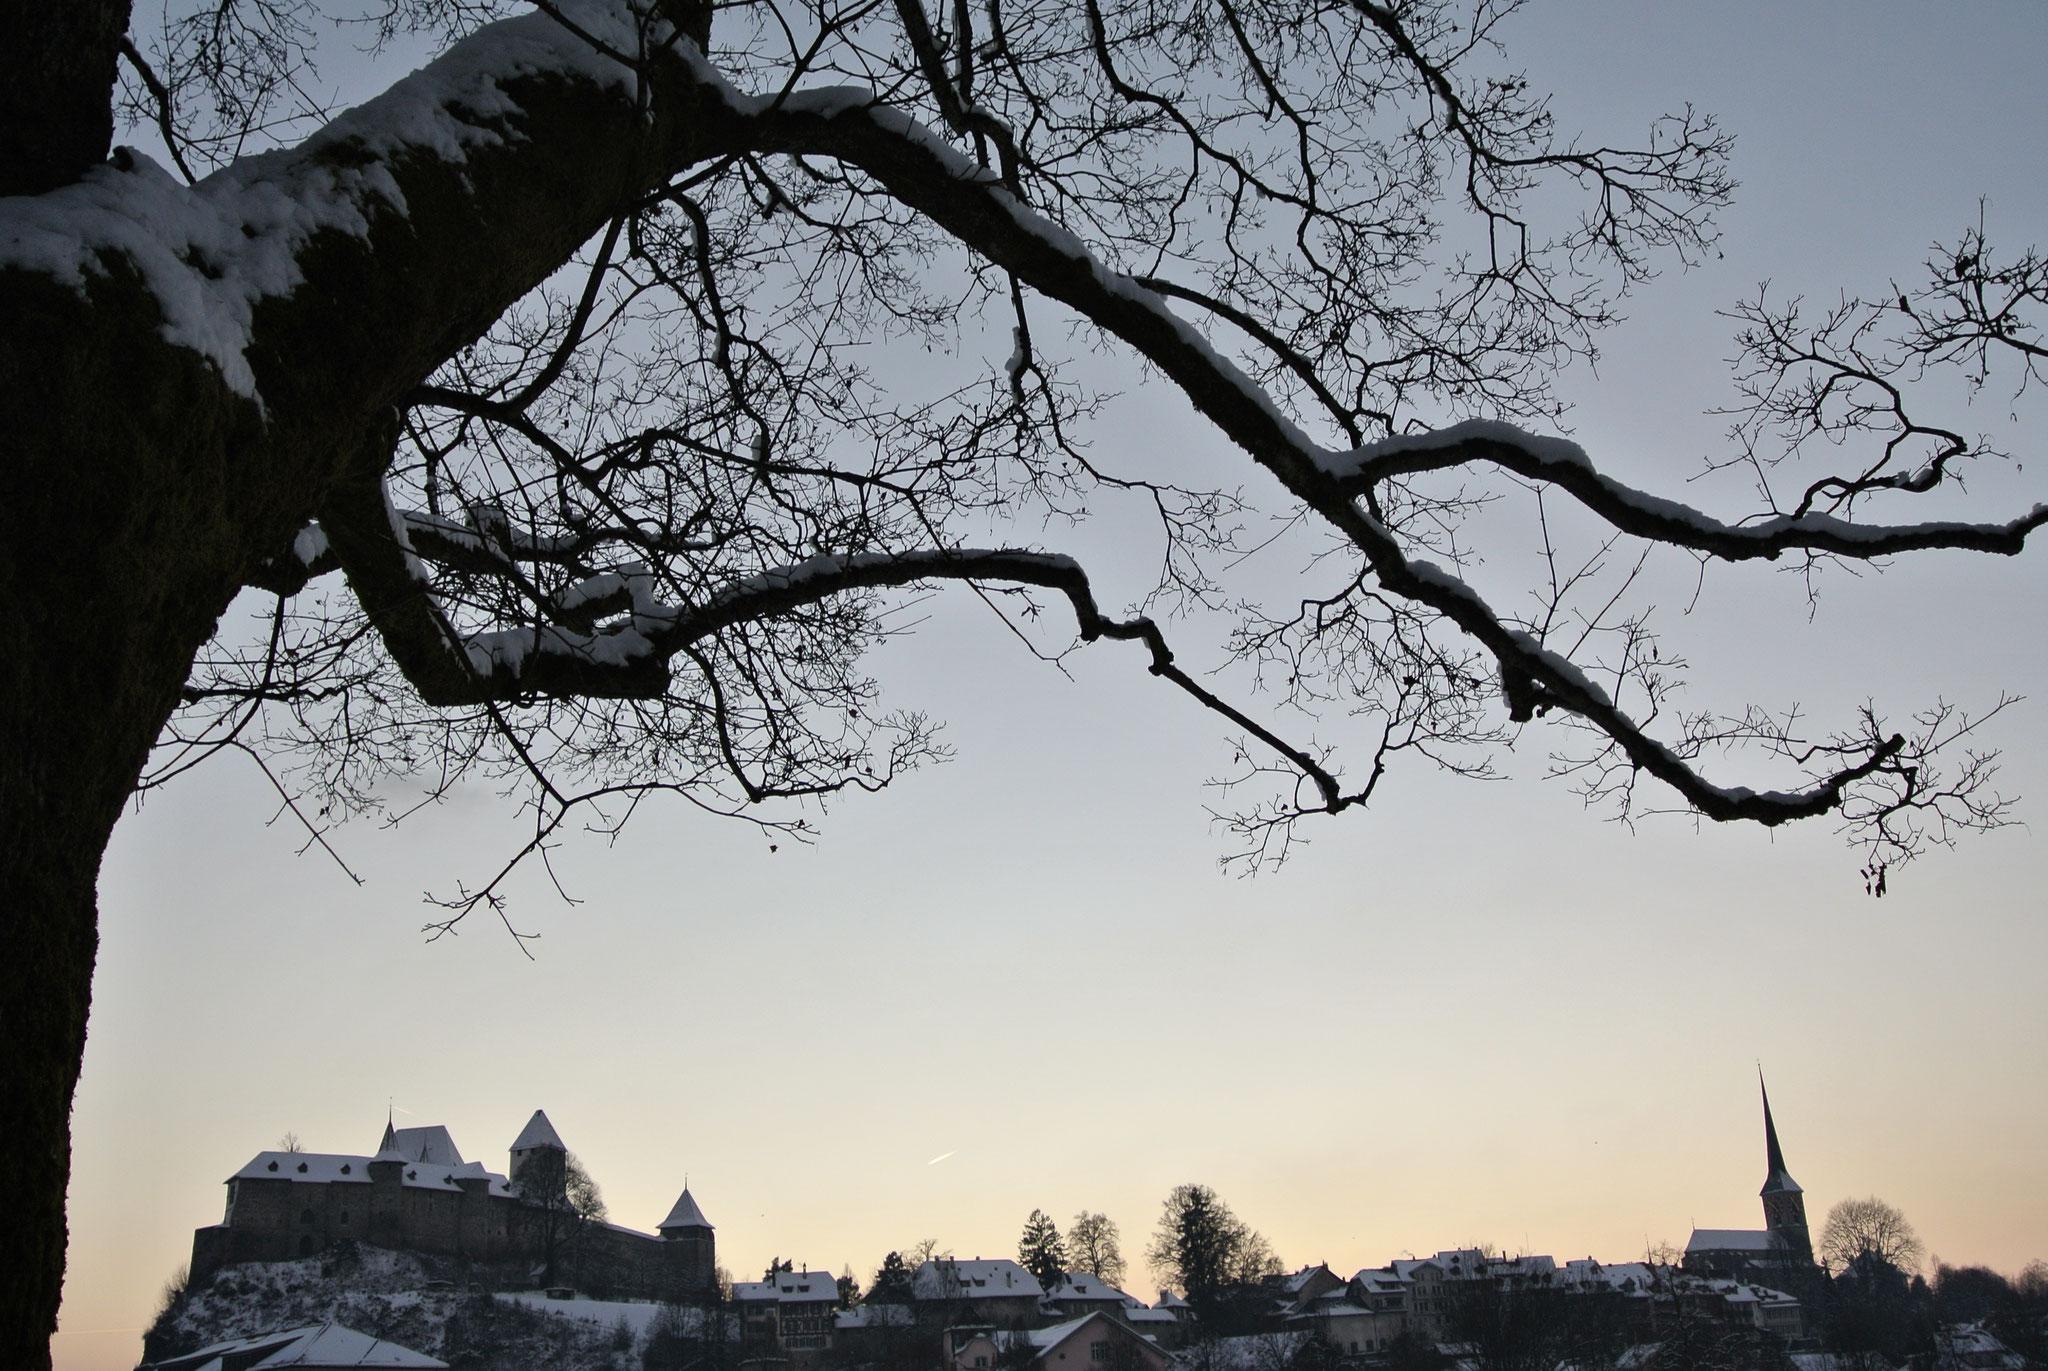 Sicht auf Schloss und Stadtkirche Burgdorf